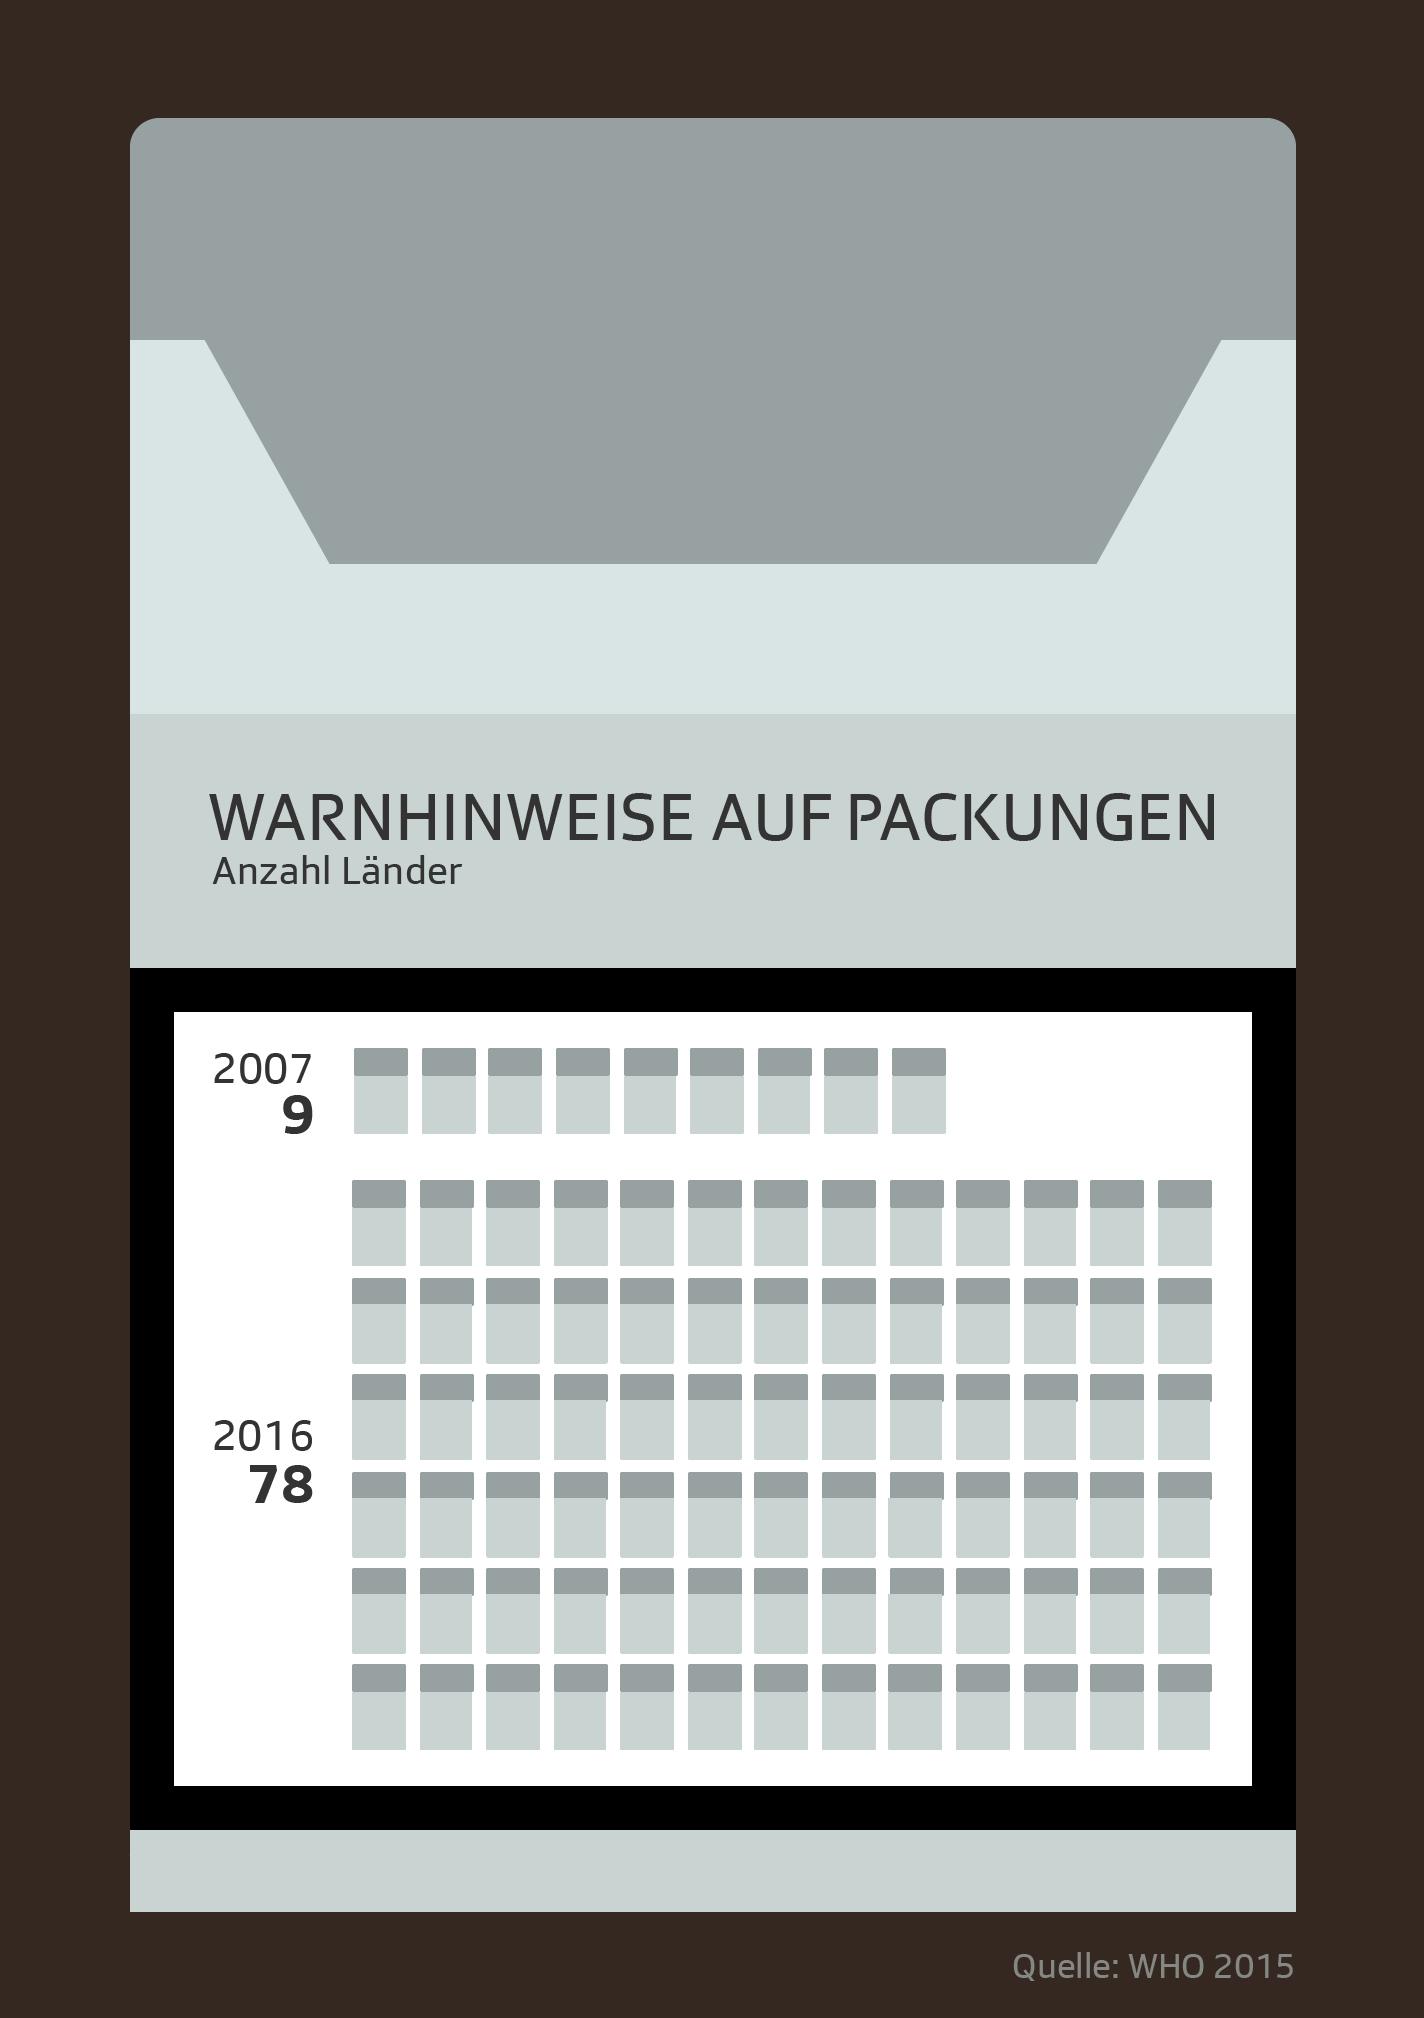 Länder mit Warnhinweisen auf Zigarettenpackungen